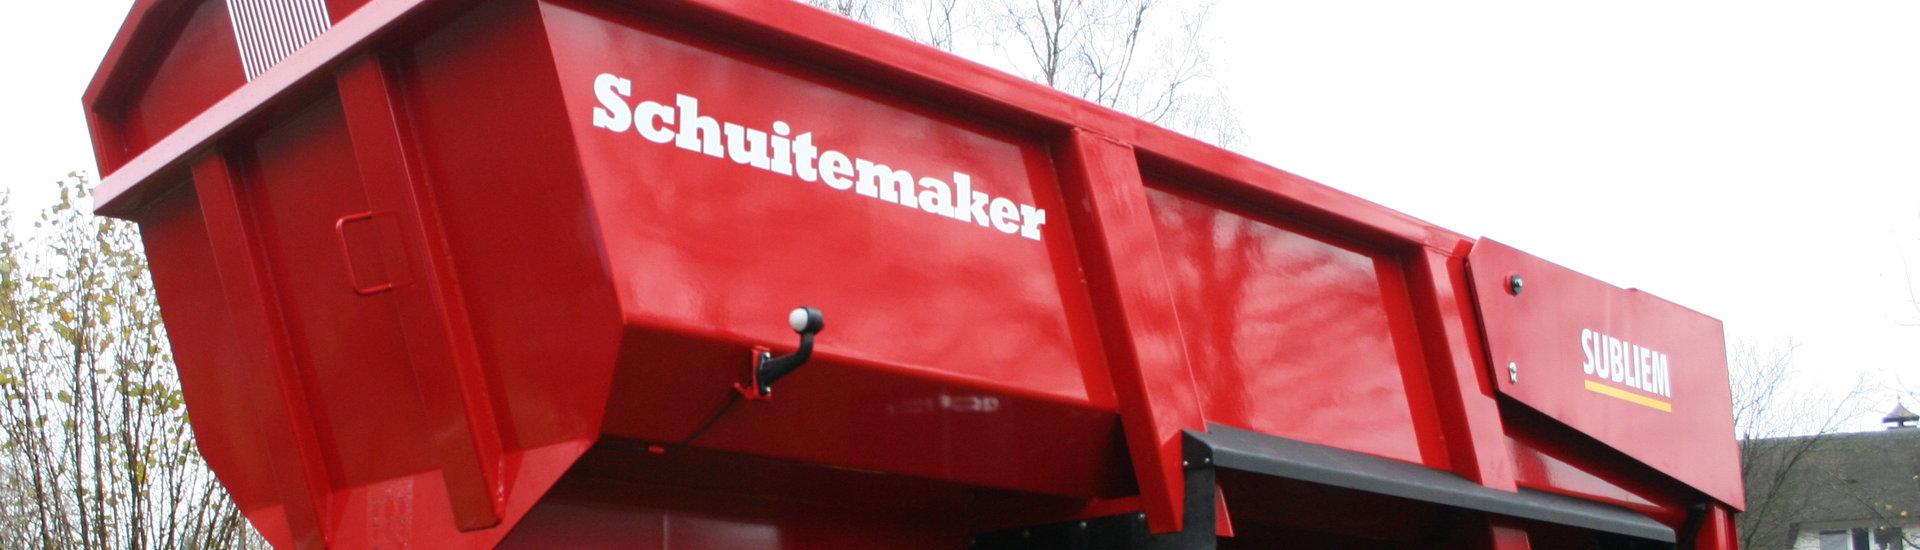 Schuitemaker kieper